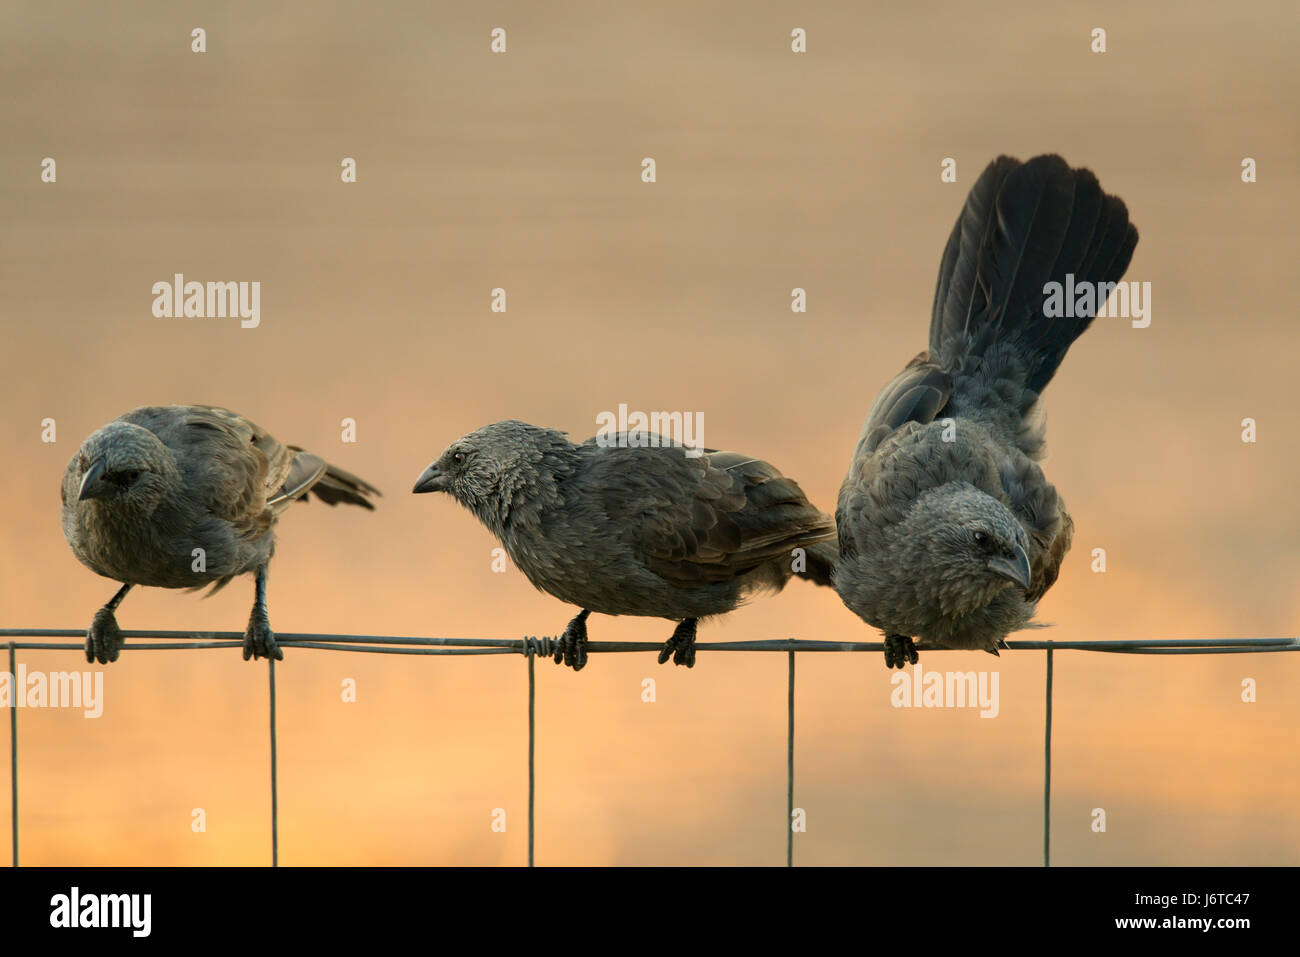 Australian native Apostlebirds / Struthidea cinerea on a fence - Stock Image